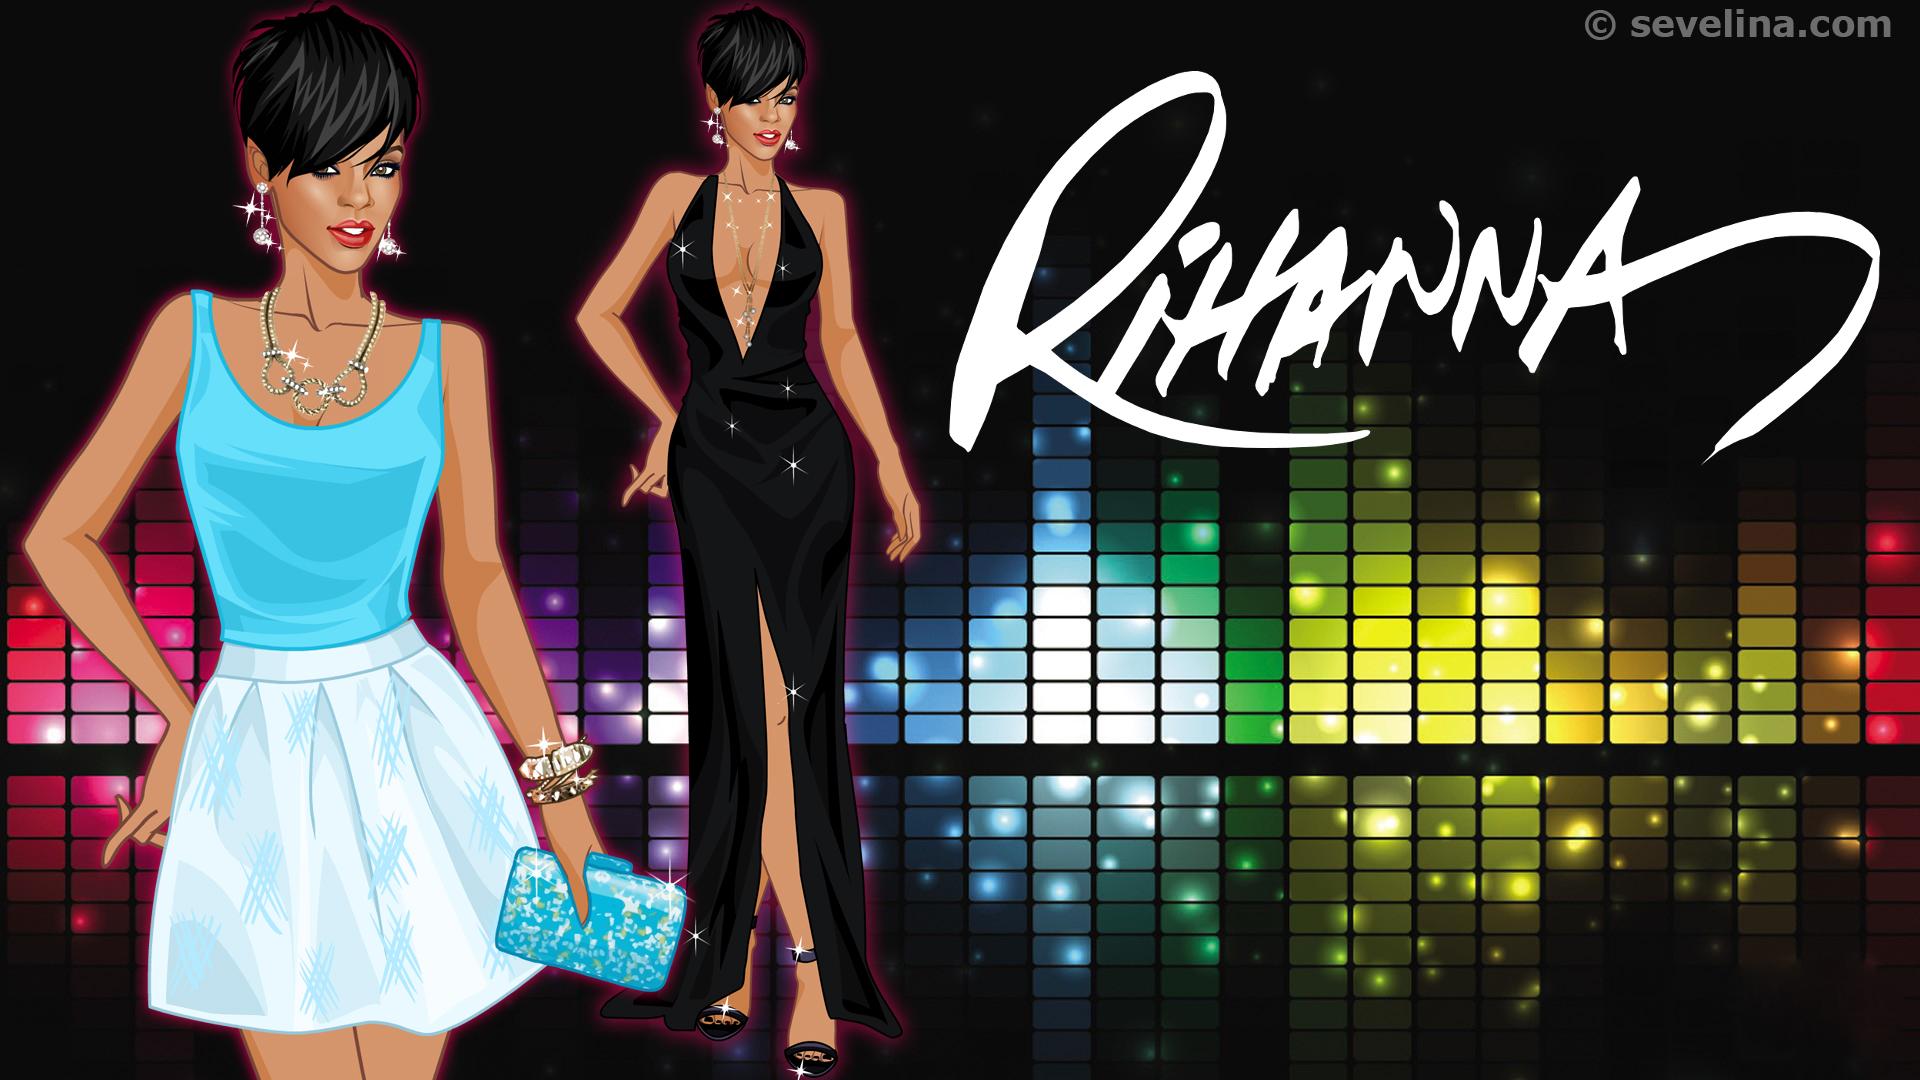 rihanna-wallpapers-2014-sevelina-dress-up-games-11